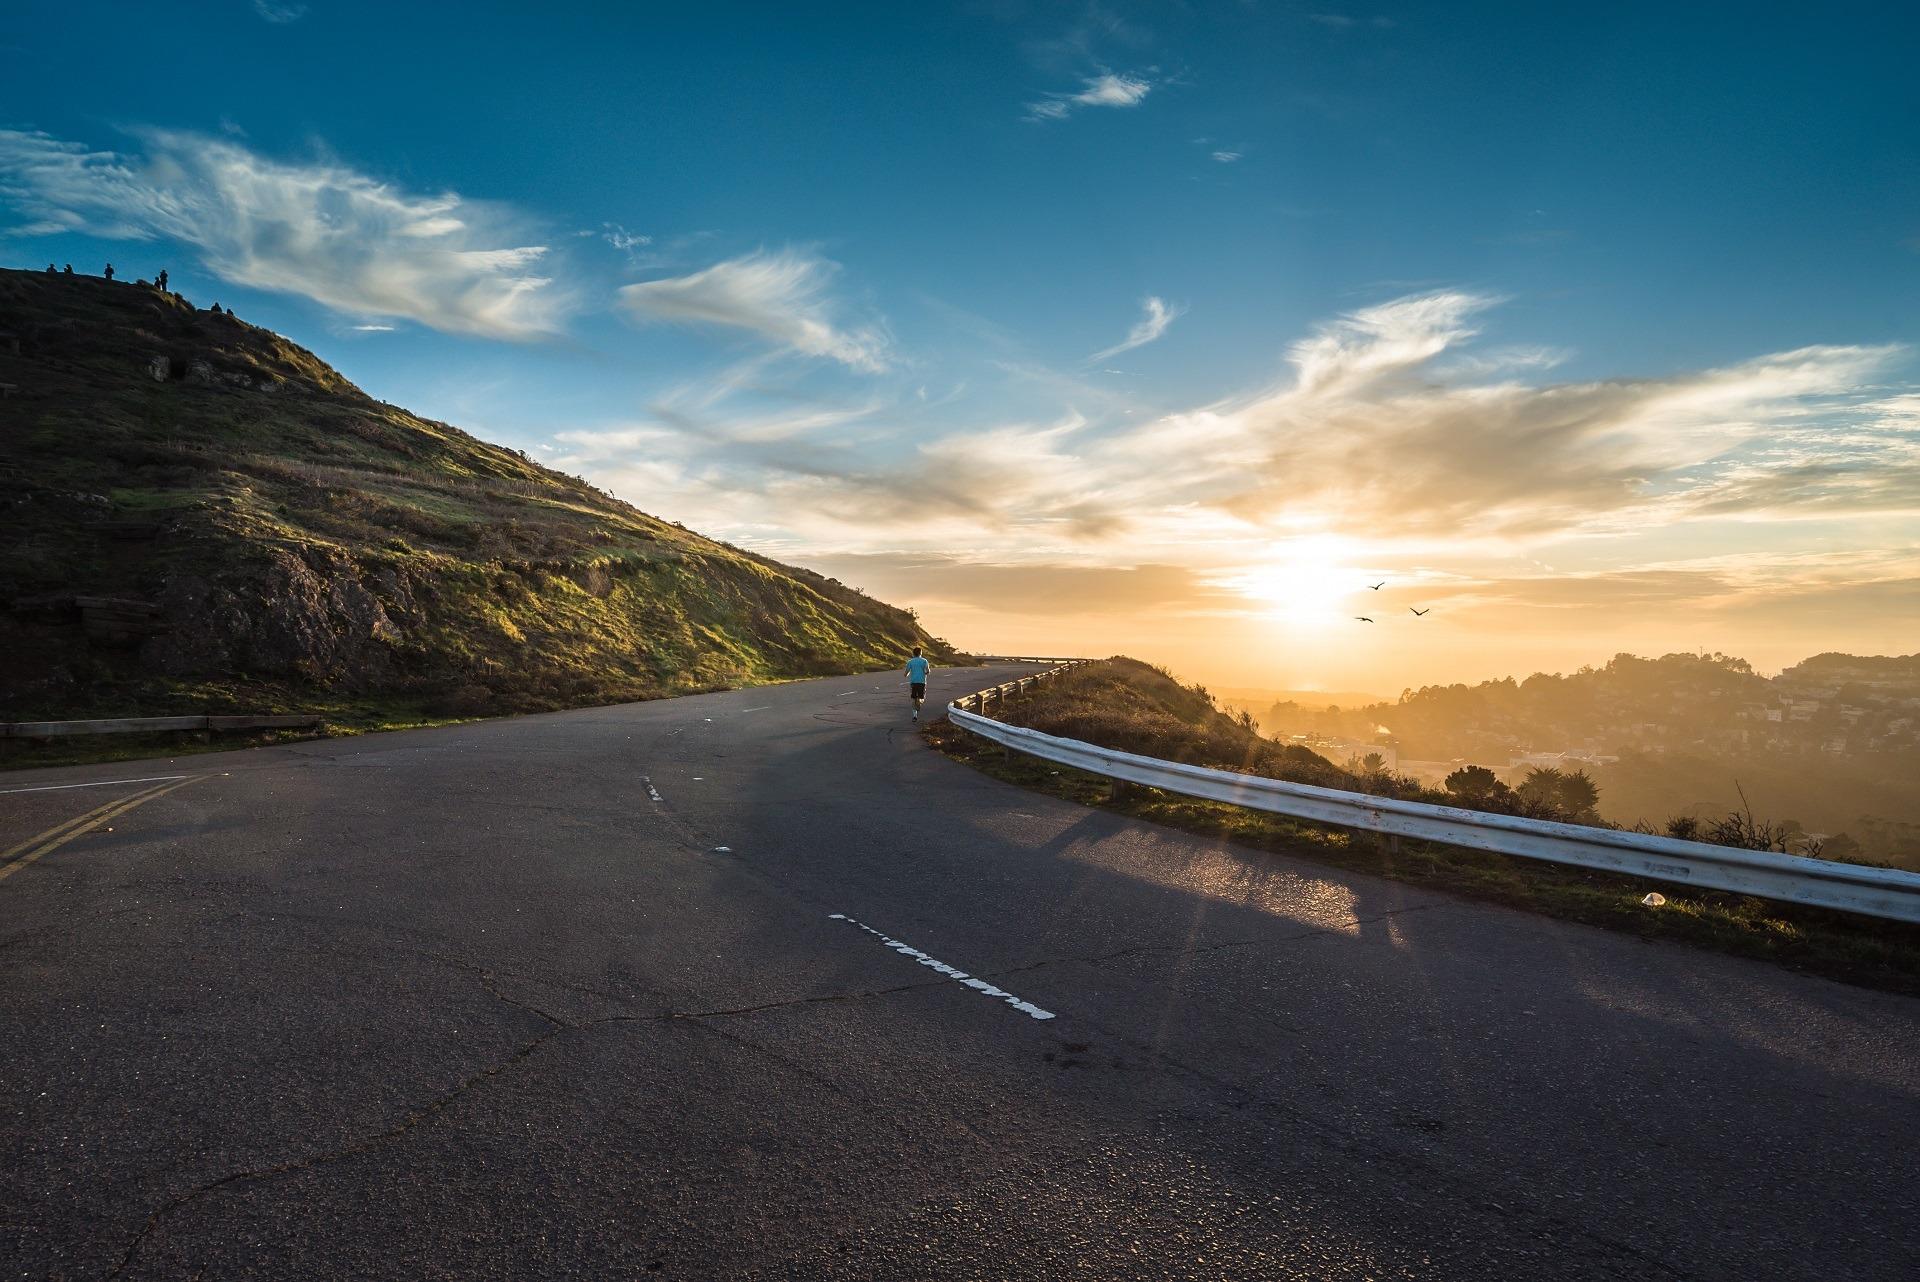 Eine person läuft auf einer Straße einen Berg hinauf. Die Sonne scheint im Hintergrund.